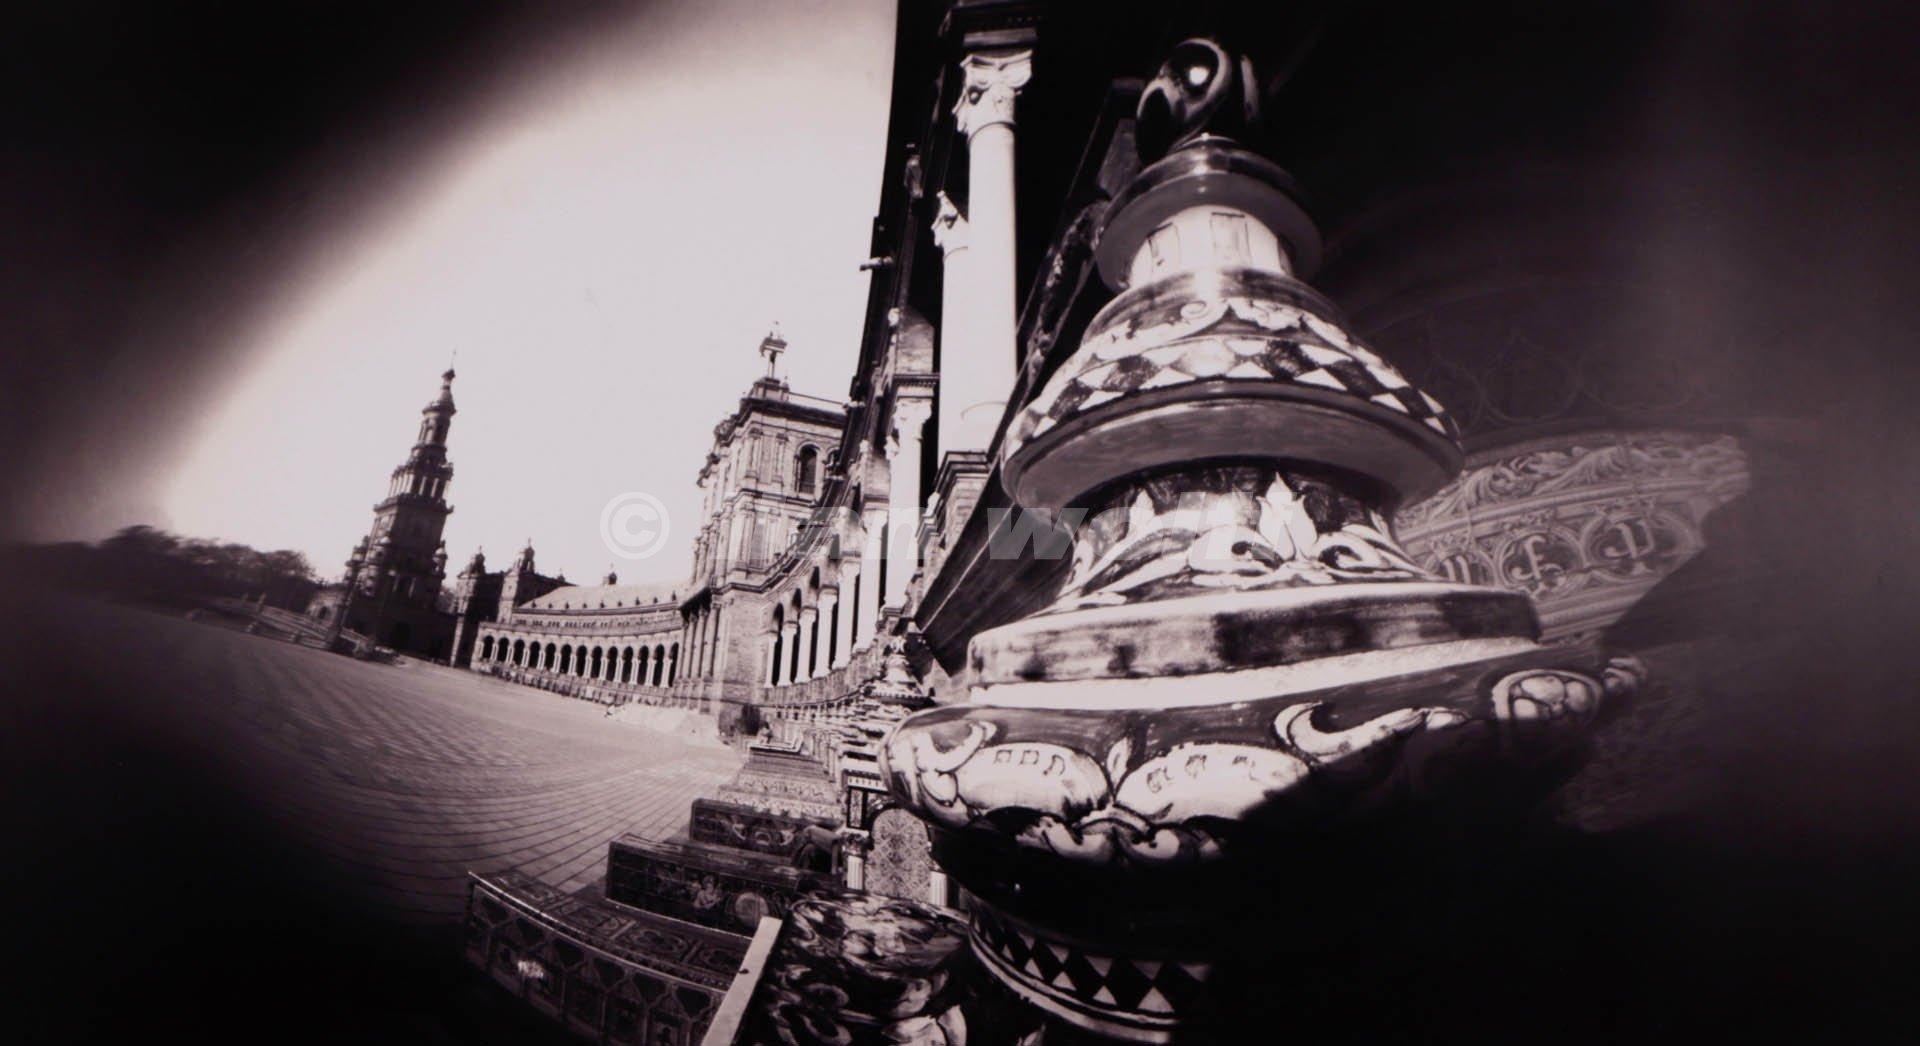 Sevilla-Plaza de España 2 (2013) - Ilan Wolff